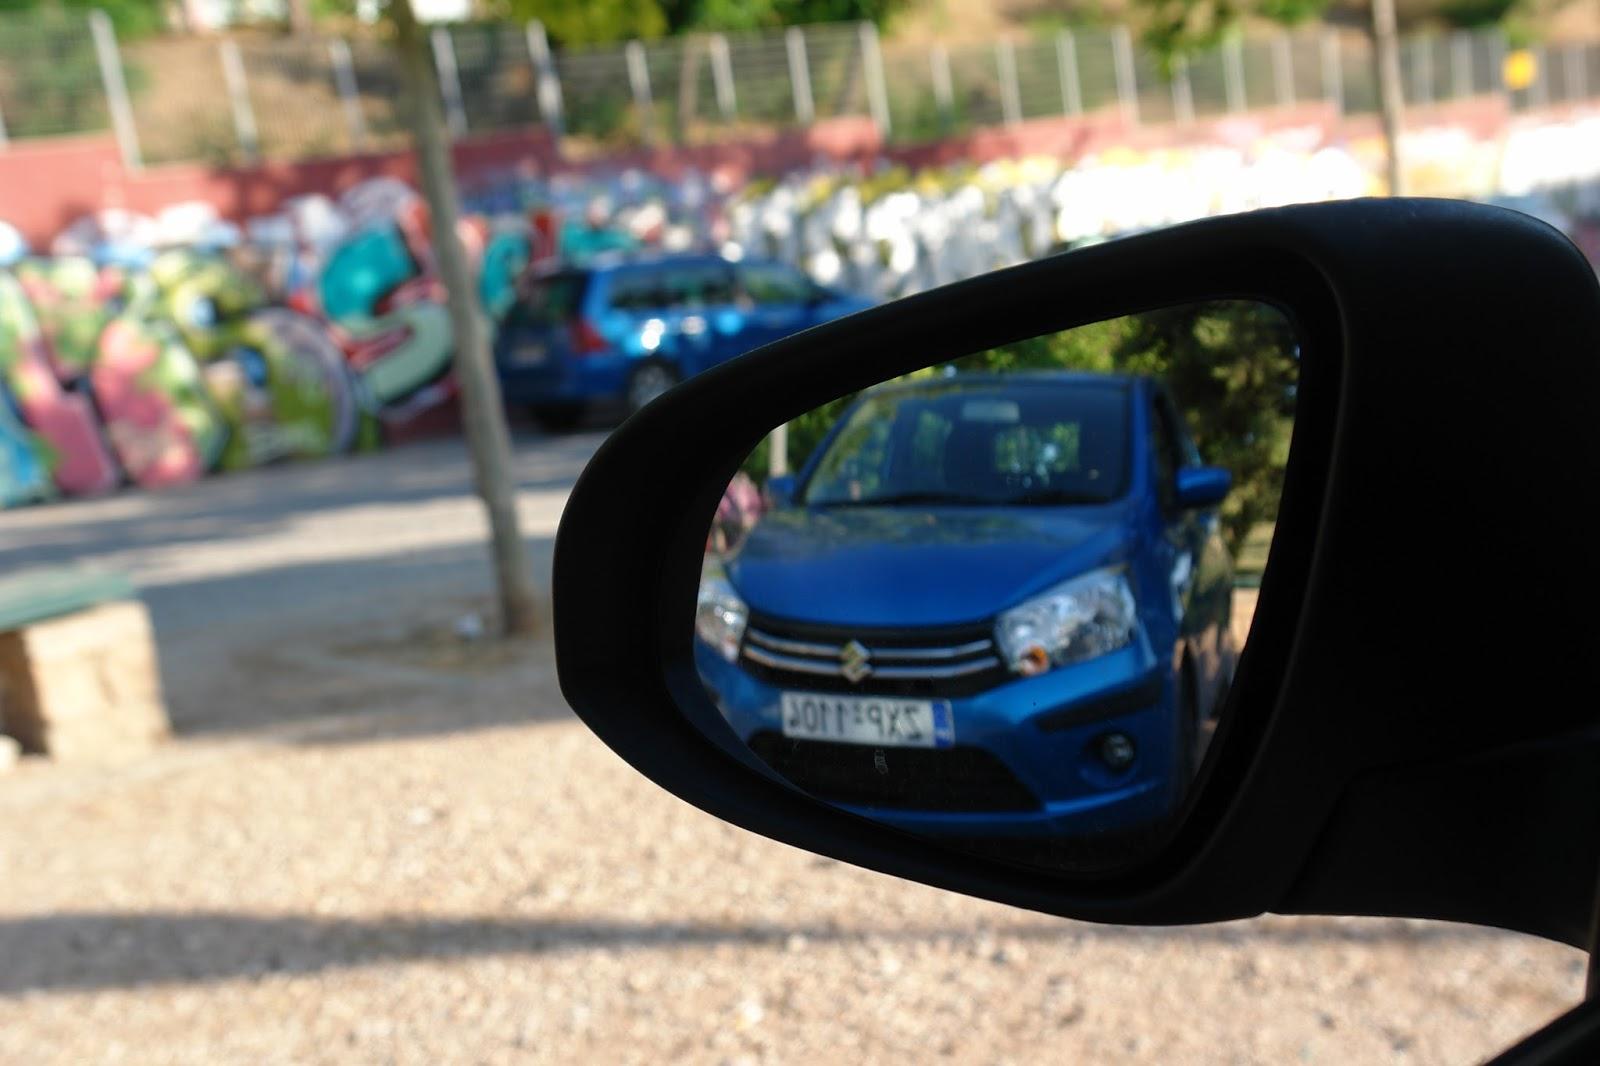 f6 To Suzuki Celerio είναι… δύο σε ένα